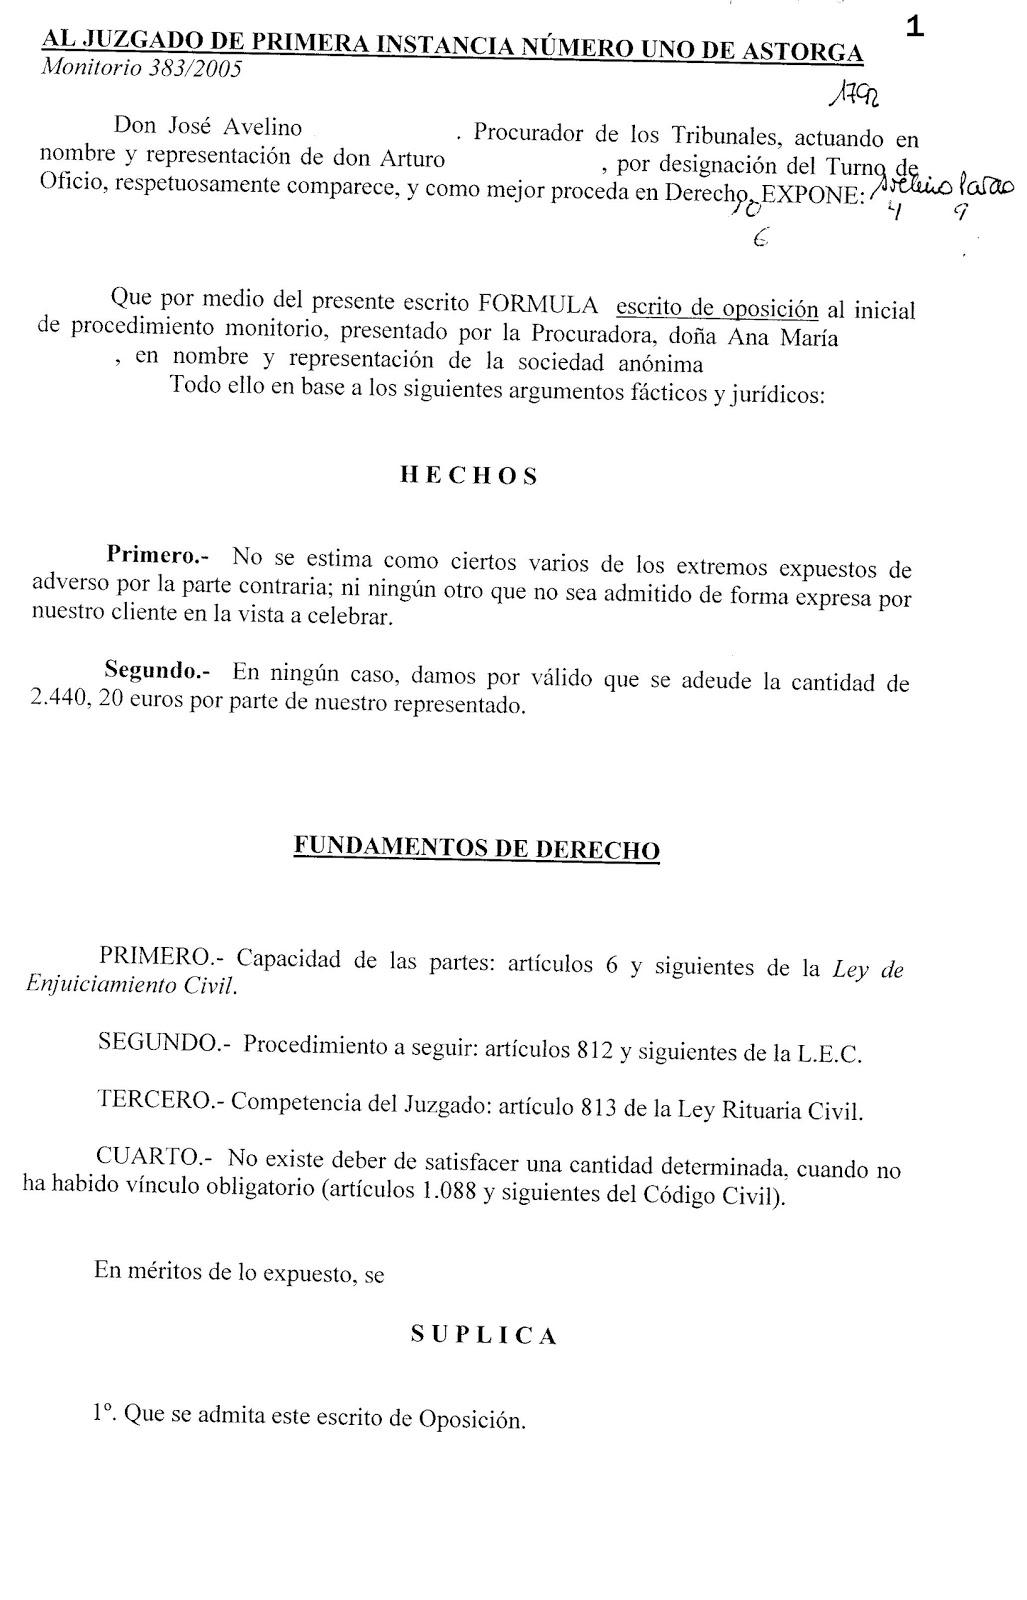 AULA JUDICIAL: Escrito de Oposición al Proceso Monitorio